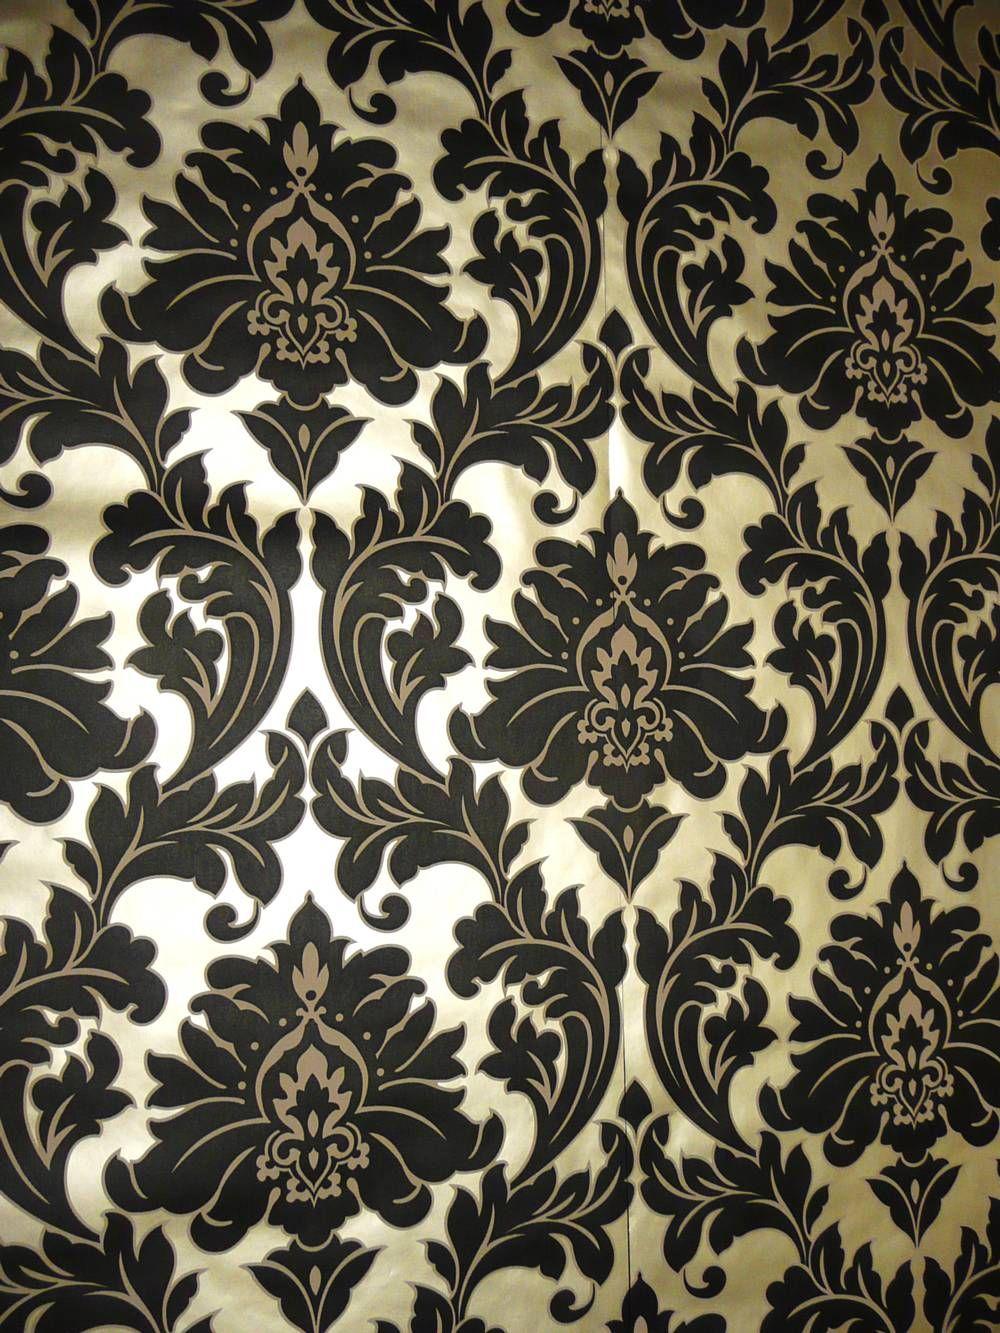 Black And Gold Wallpaper Black Floral Wallpaper Floral